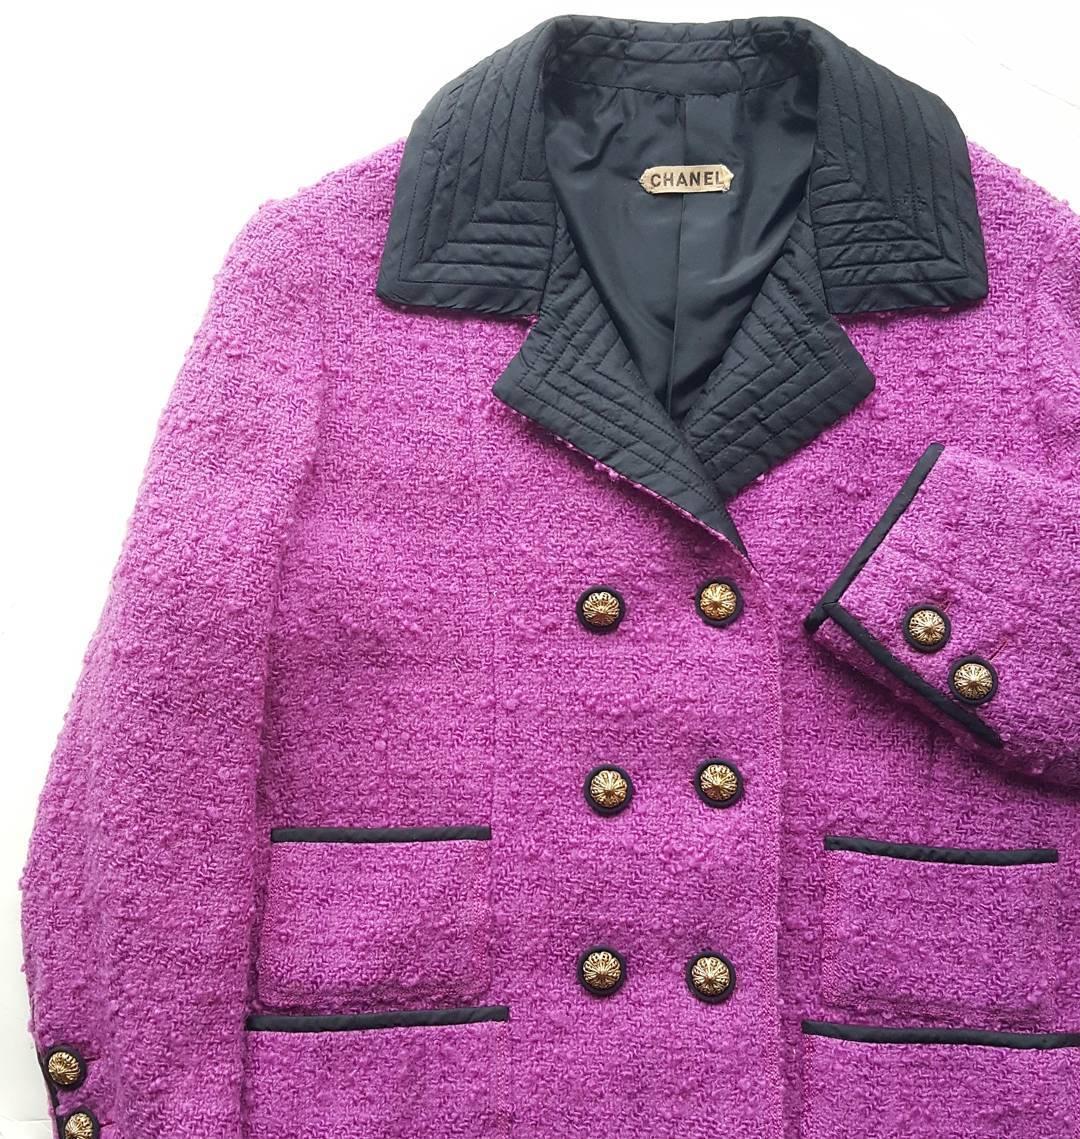 Оригинальный костюм изколлекции Chanel осень-зима 1961, помотивам которого сшили наряд Жаклин Кеннеди